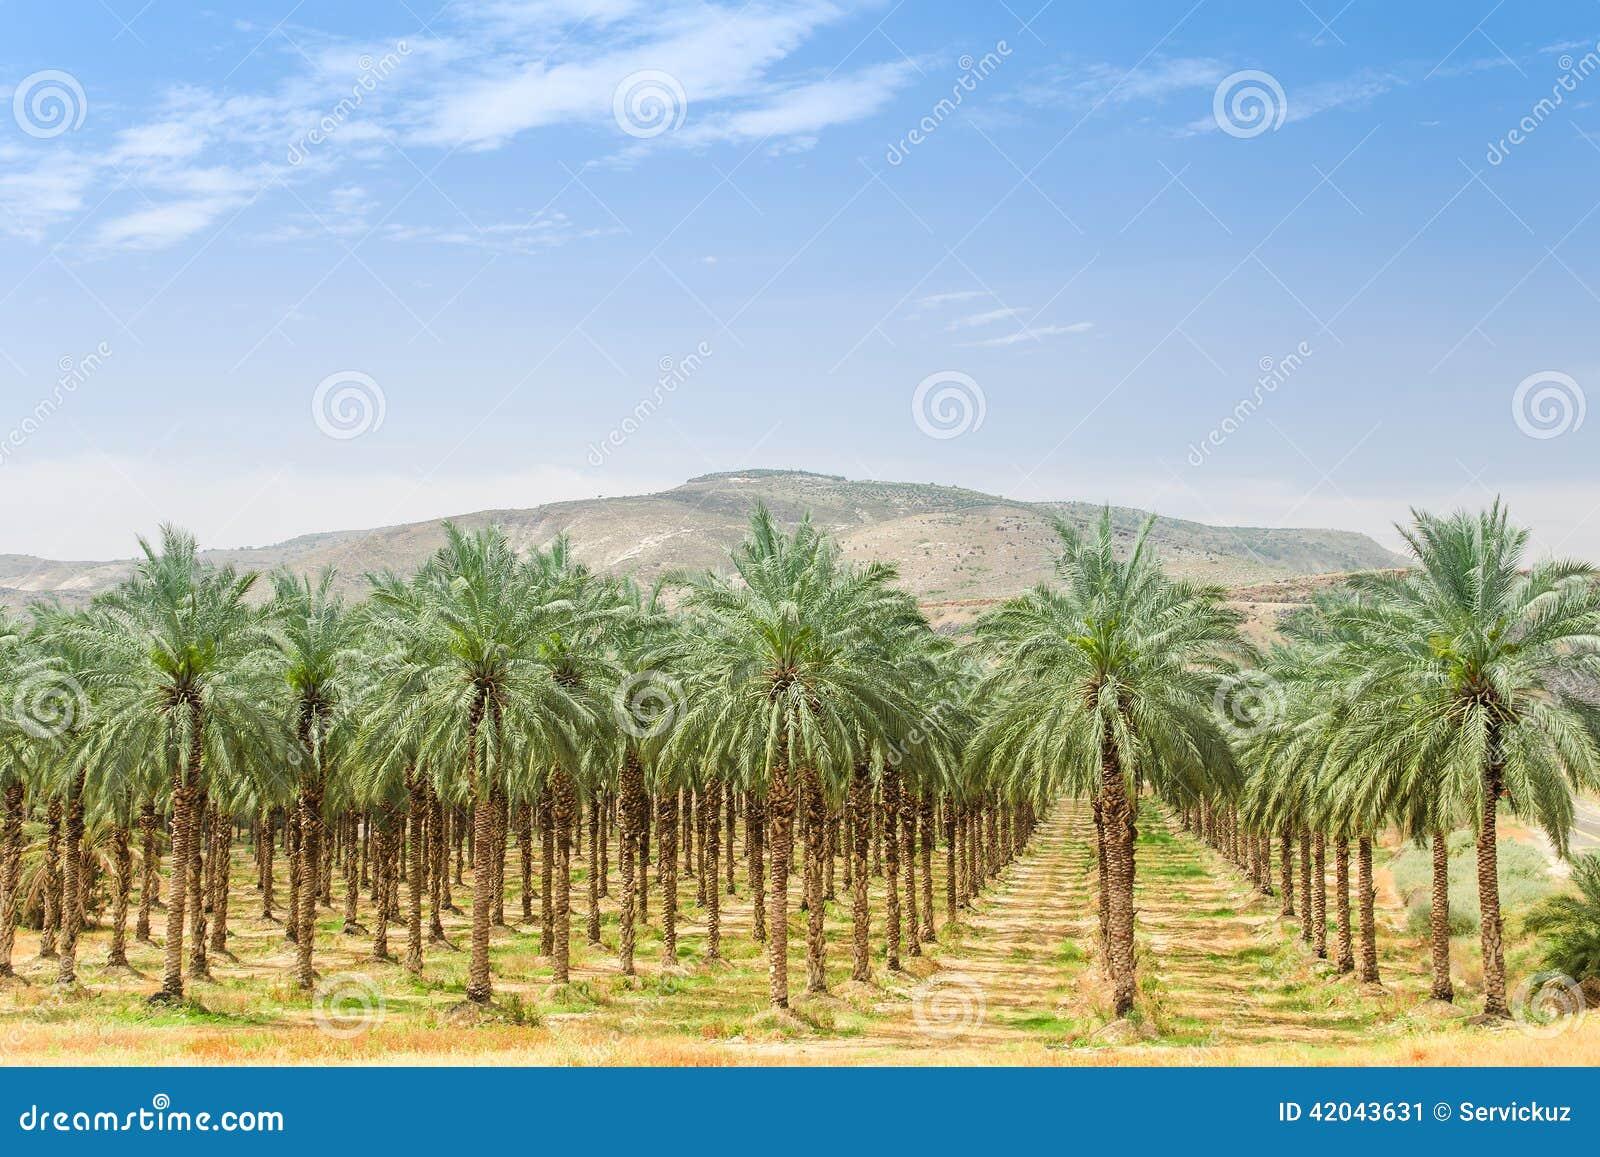 Dattelpalmebäume auf Obstgartenplantage in Galiläa